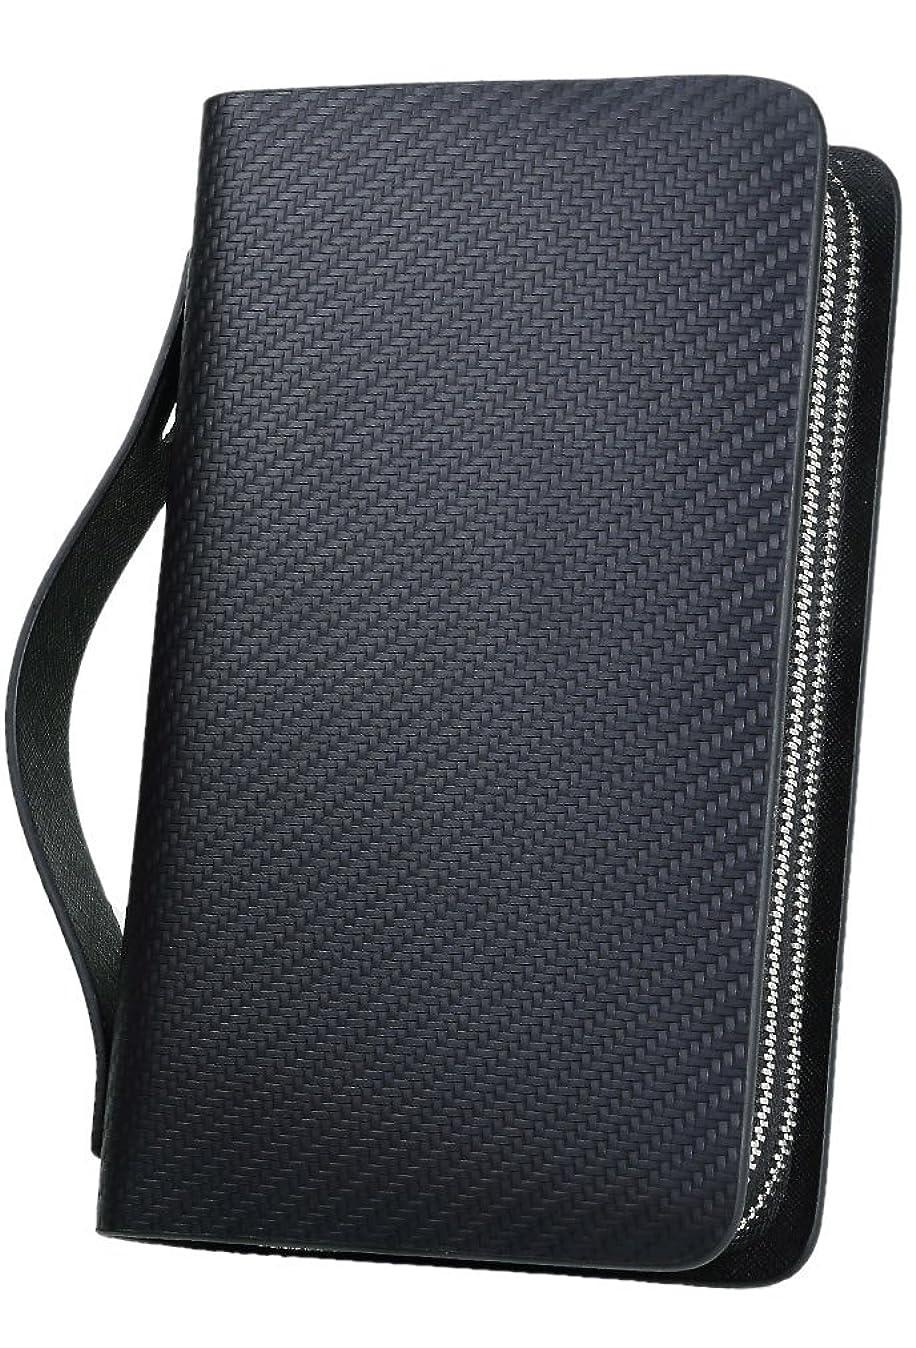 オズワルド抑止する締め切り[High-end] イタリア製 スペイン製 カーボンレザー 本革 セカンドバッグ 財布 YKK ダブルファスナー ME0049_d